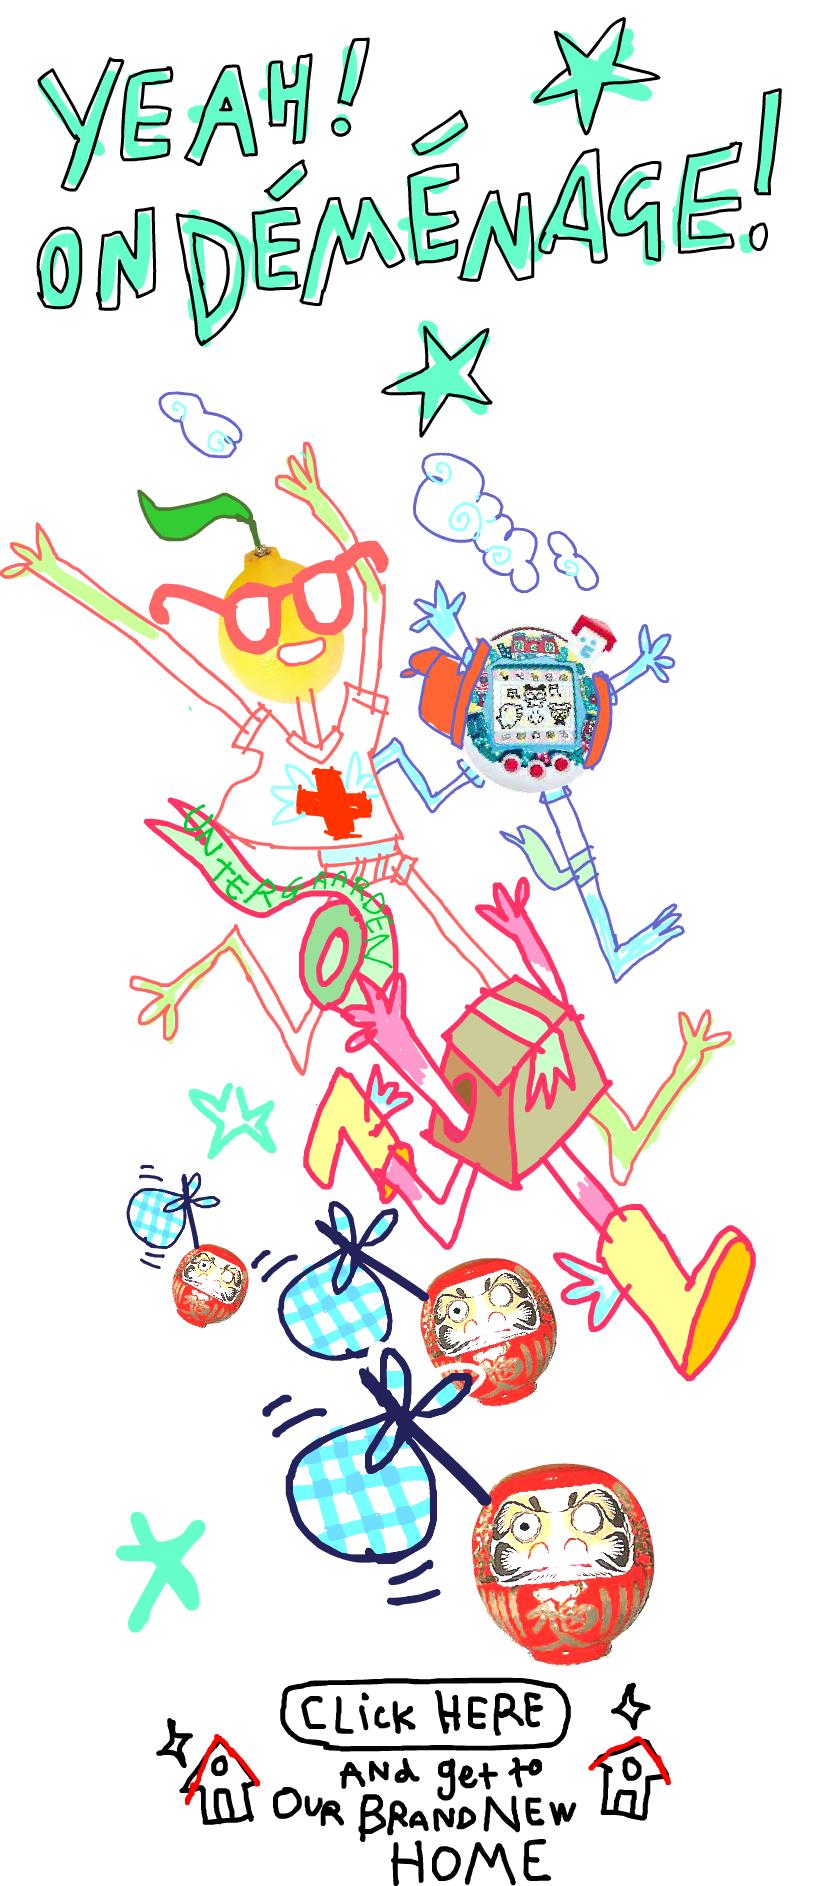 Tous les petits personnages joyeux courant